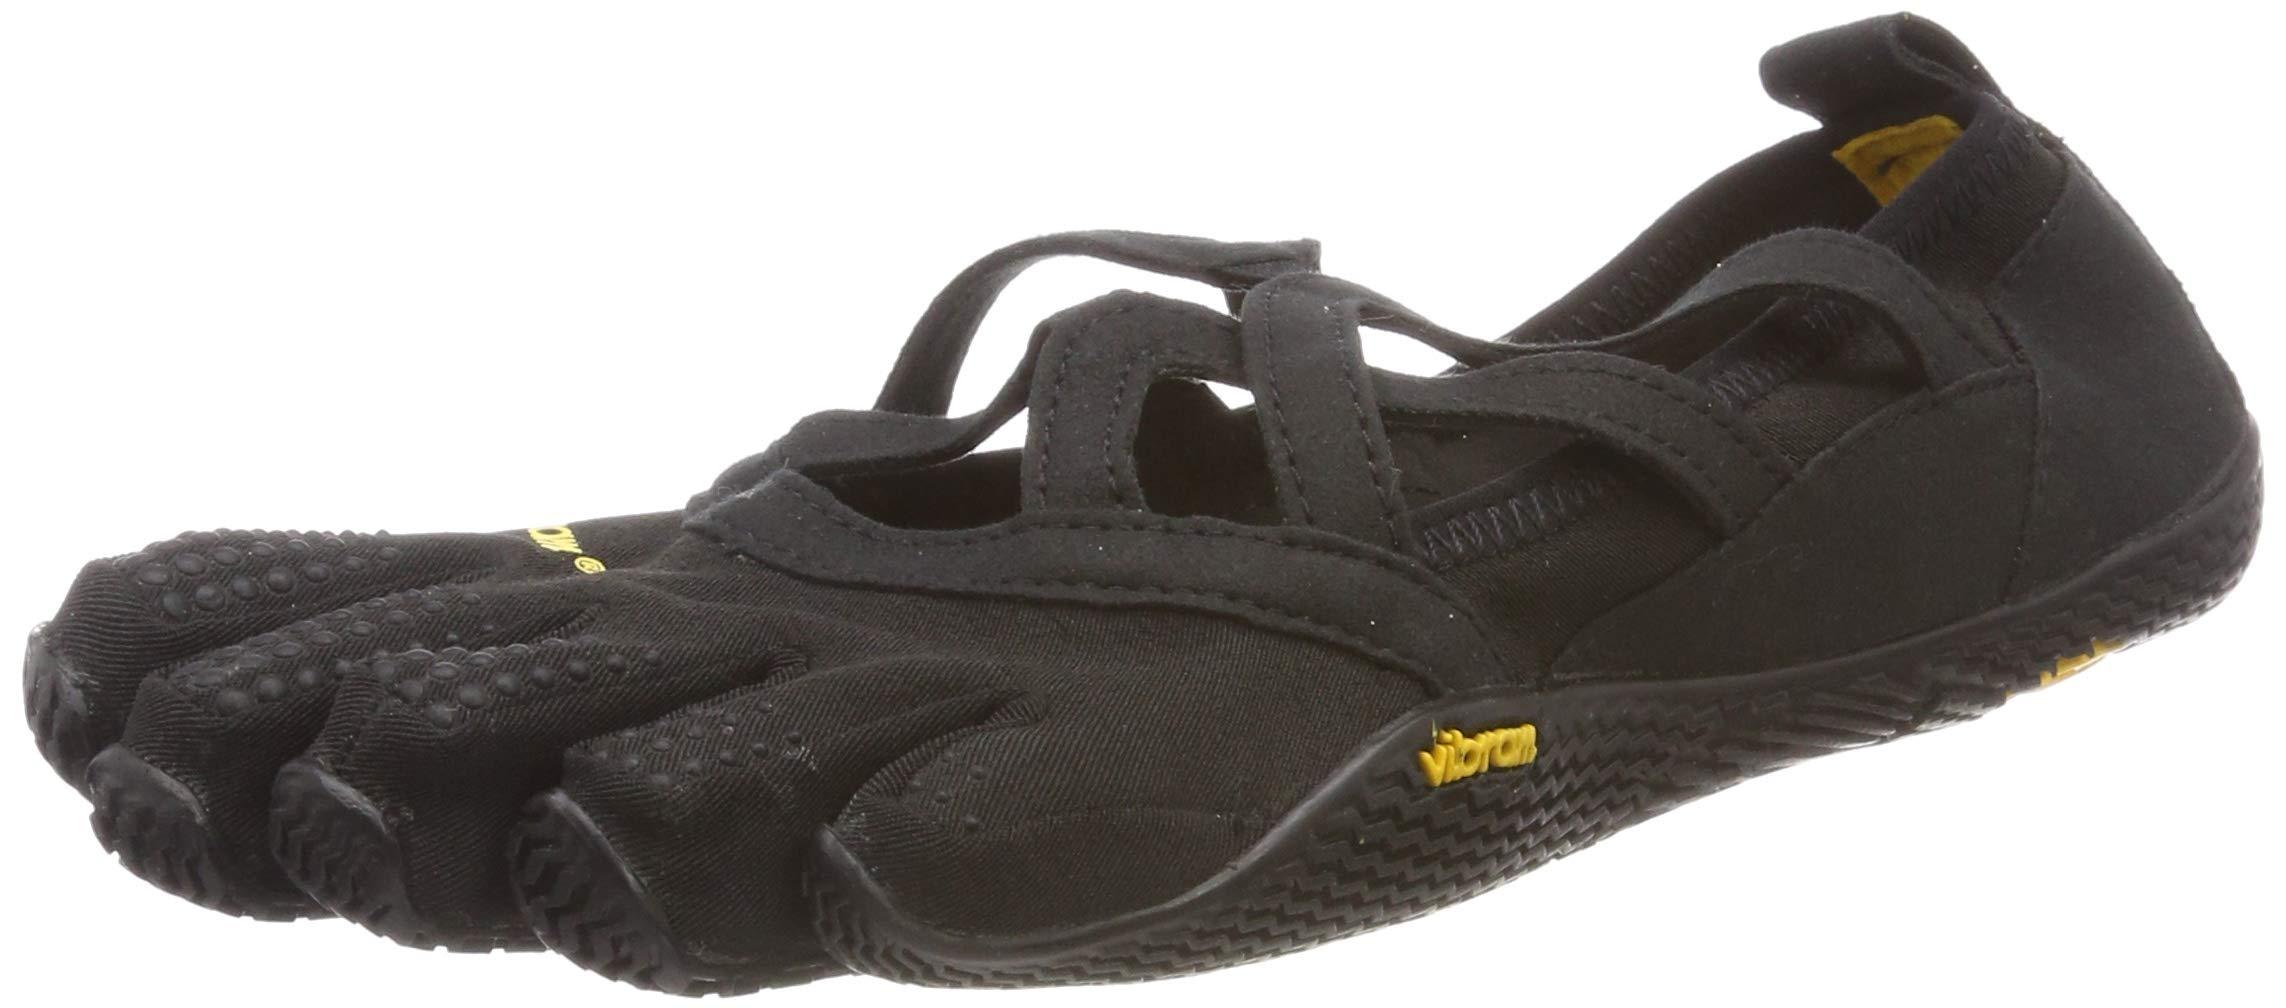 89a1a1c693 Galleon - Vibram FiveFingers Women's Alitza Loop Barefoot Shoes Black 43